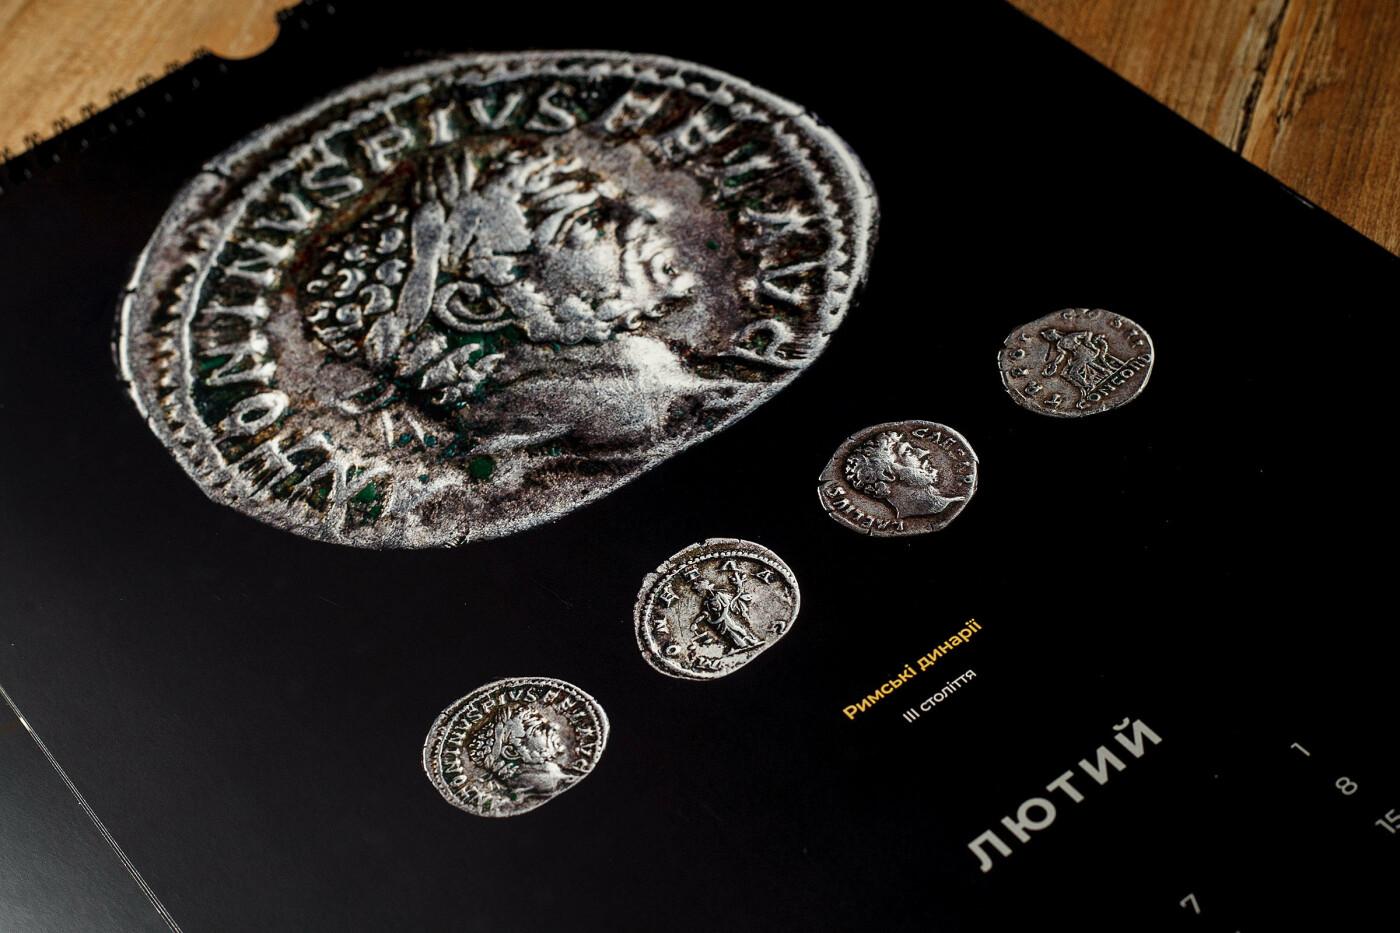 Закарпатський краєзнавчий музей уперше створив календар із коштовних експонатів (ФОТО), фото-3